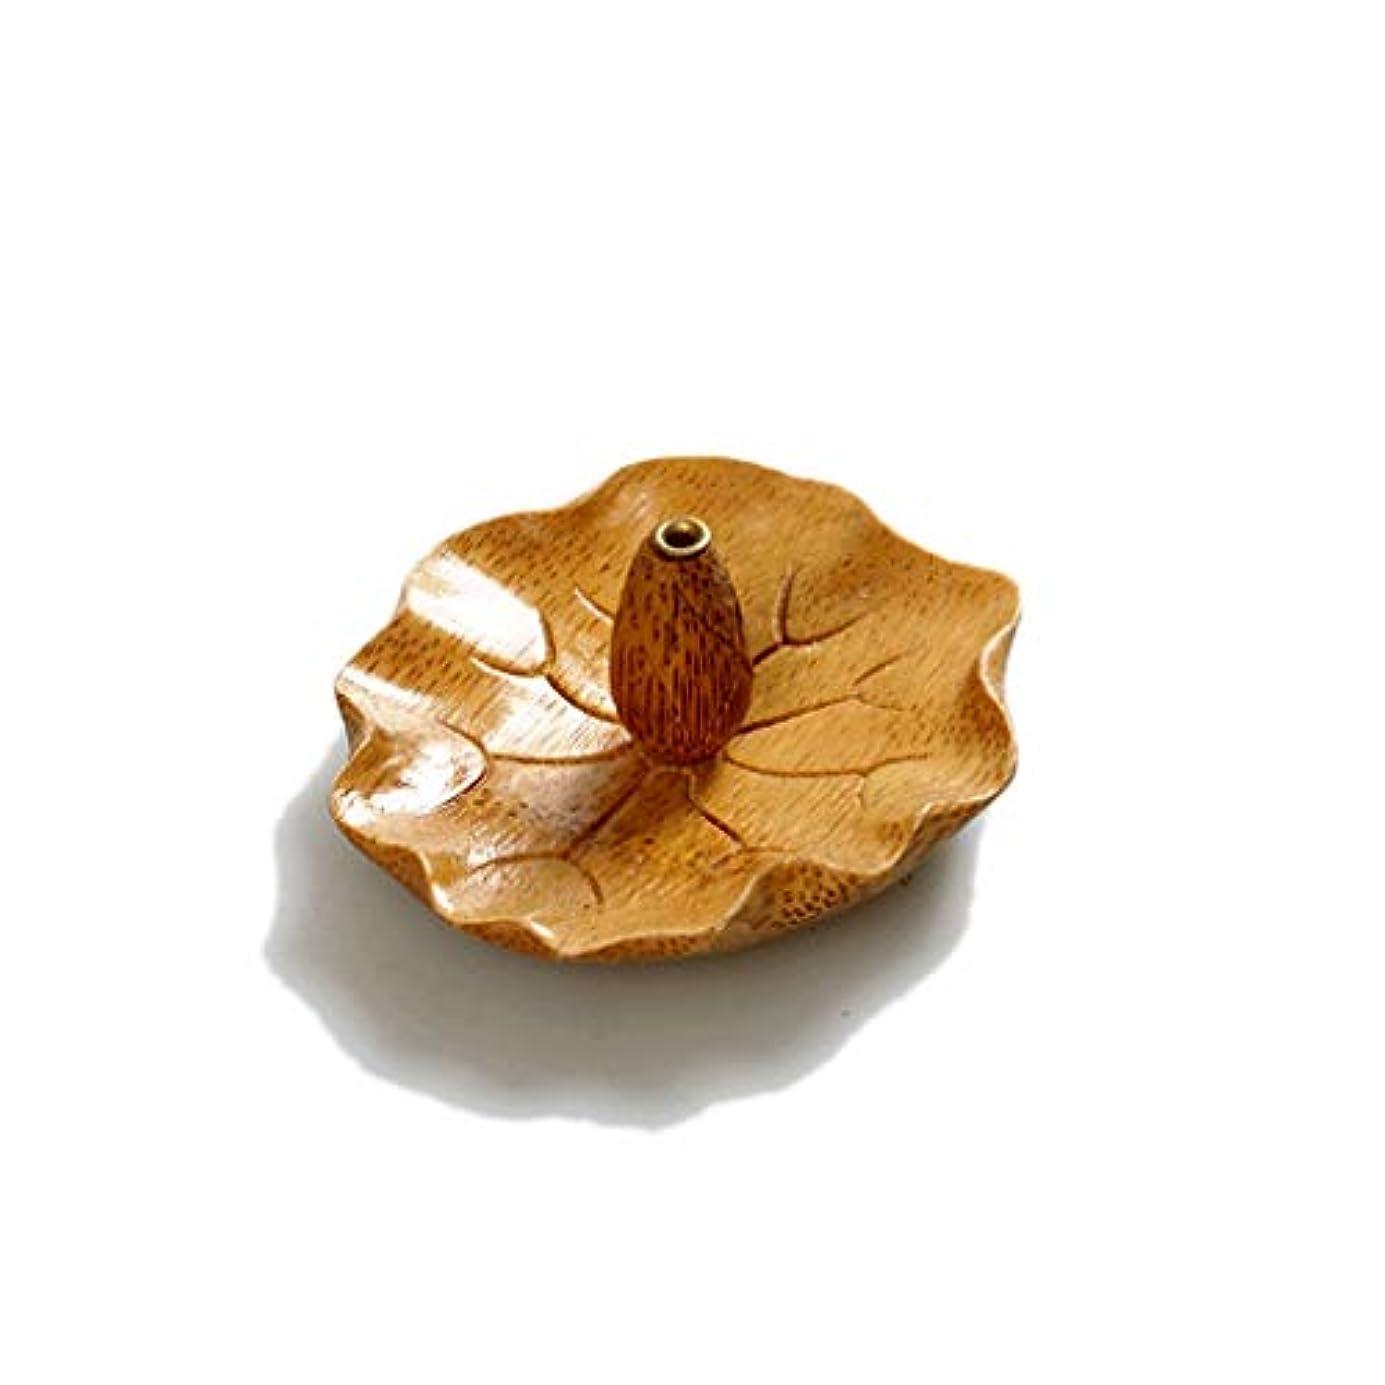 不要ぼかしうれしいクリエイティブ竹香ホルダー瞑想香バーナー手作りの葉形の家の装飾香スティックコーンバーナーホルダー (Color : C)